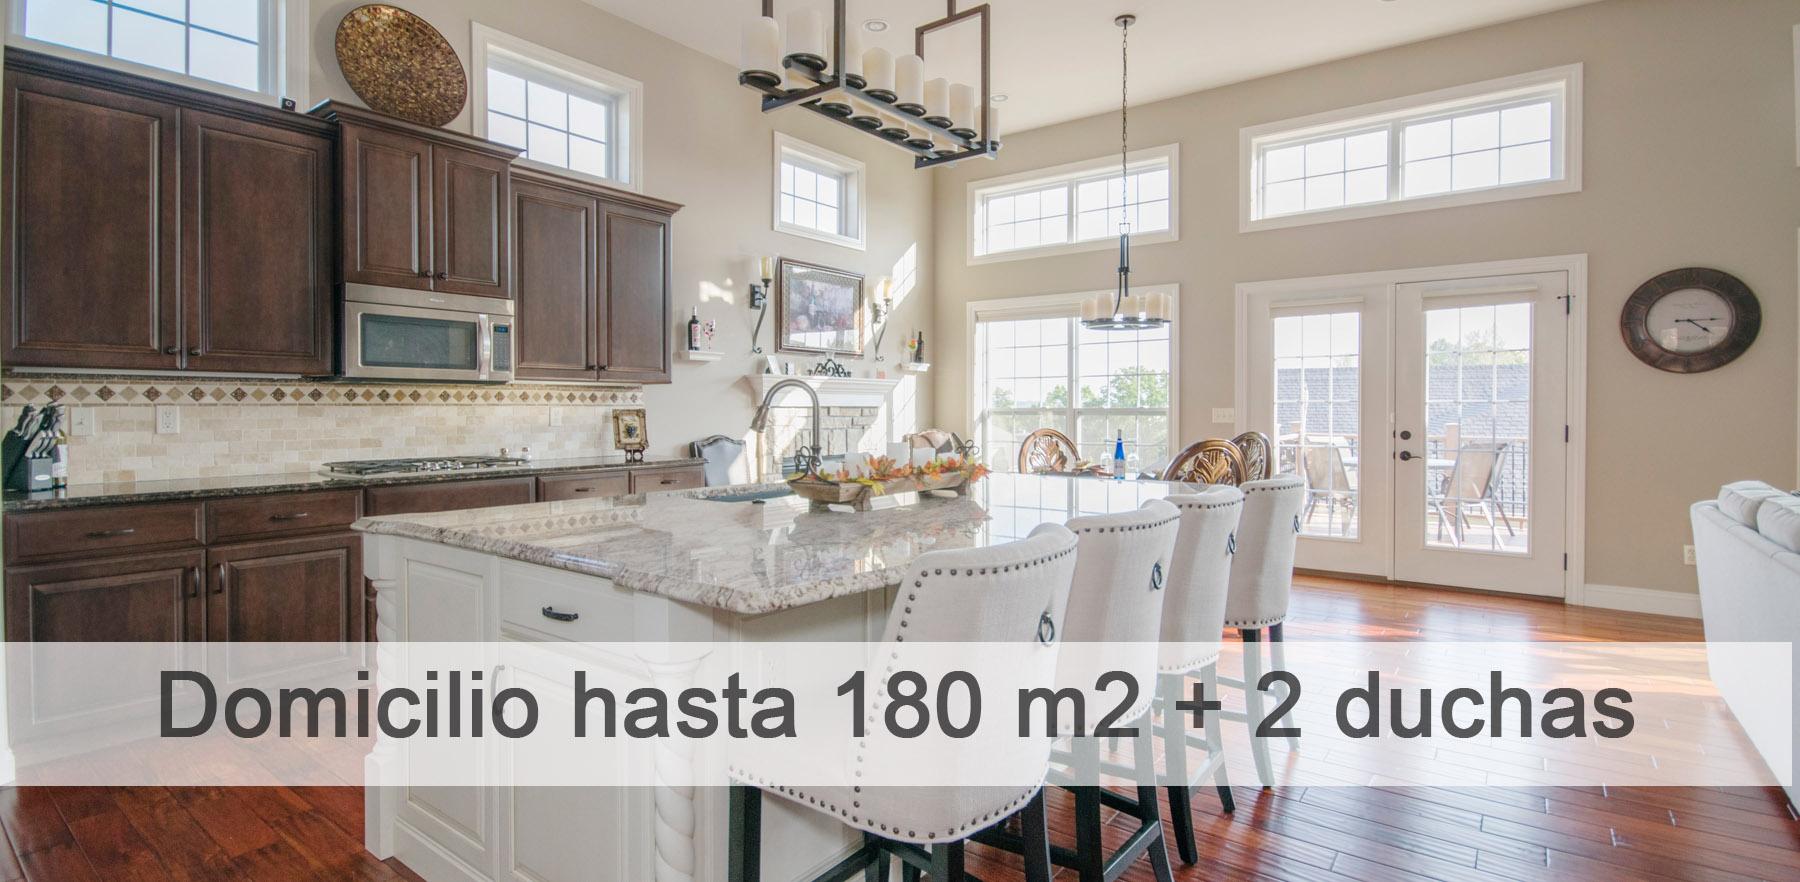 domicilio hasta 180 m2 + 2 duchas